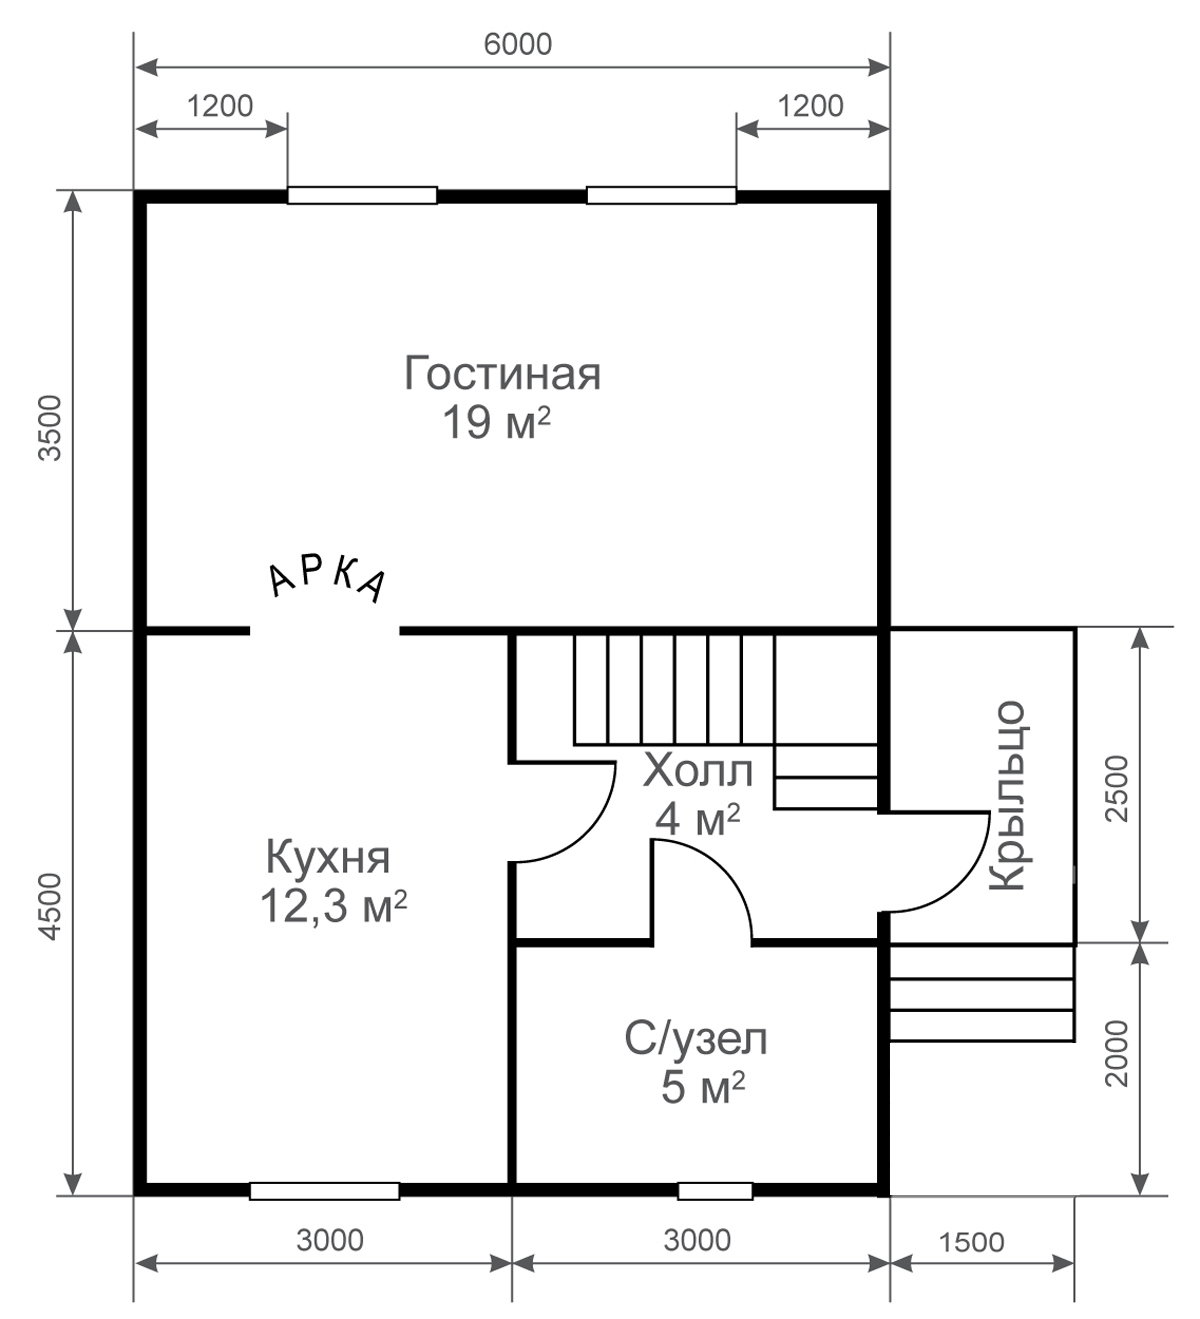 Дома новгороде шумоизоляция в нижнем